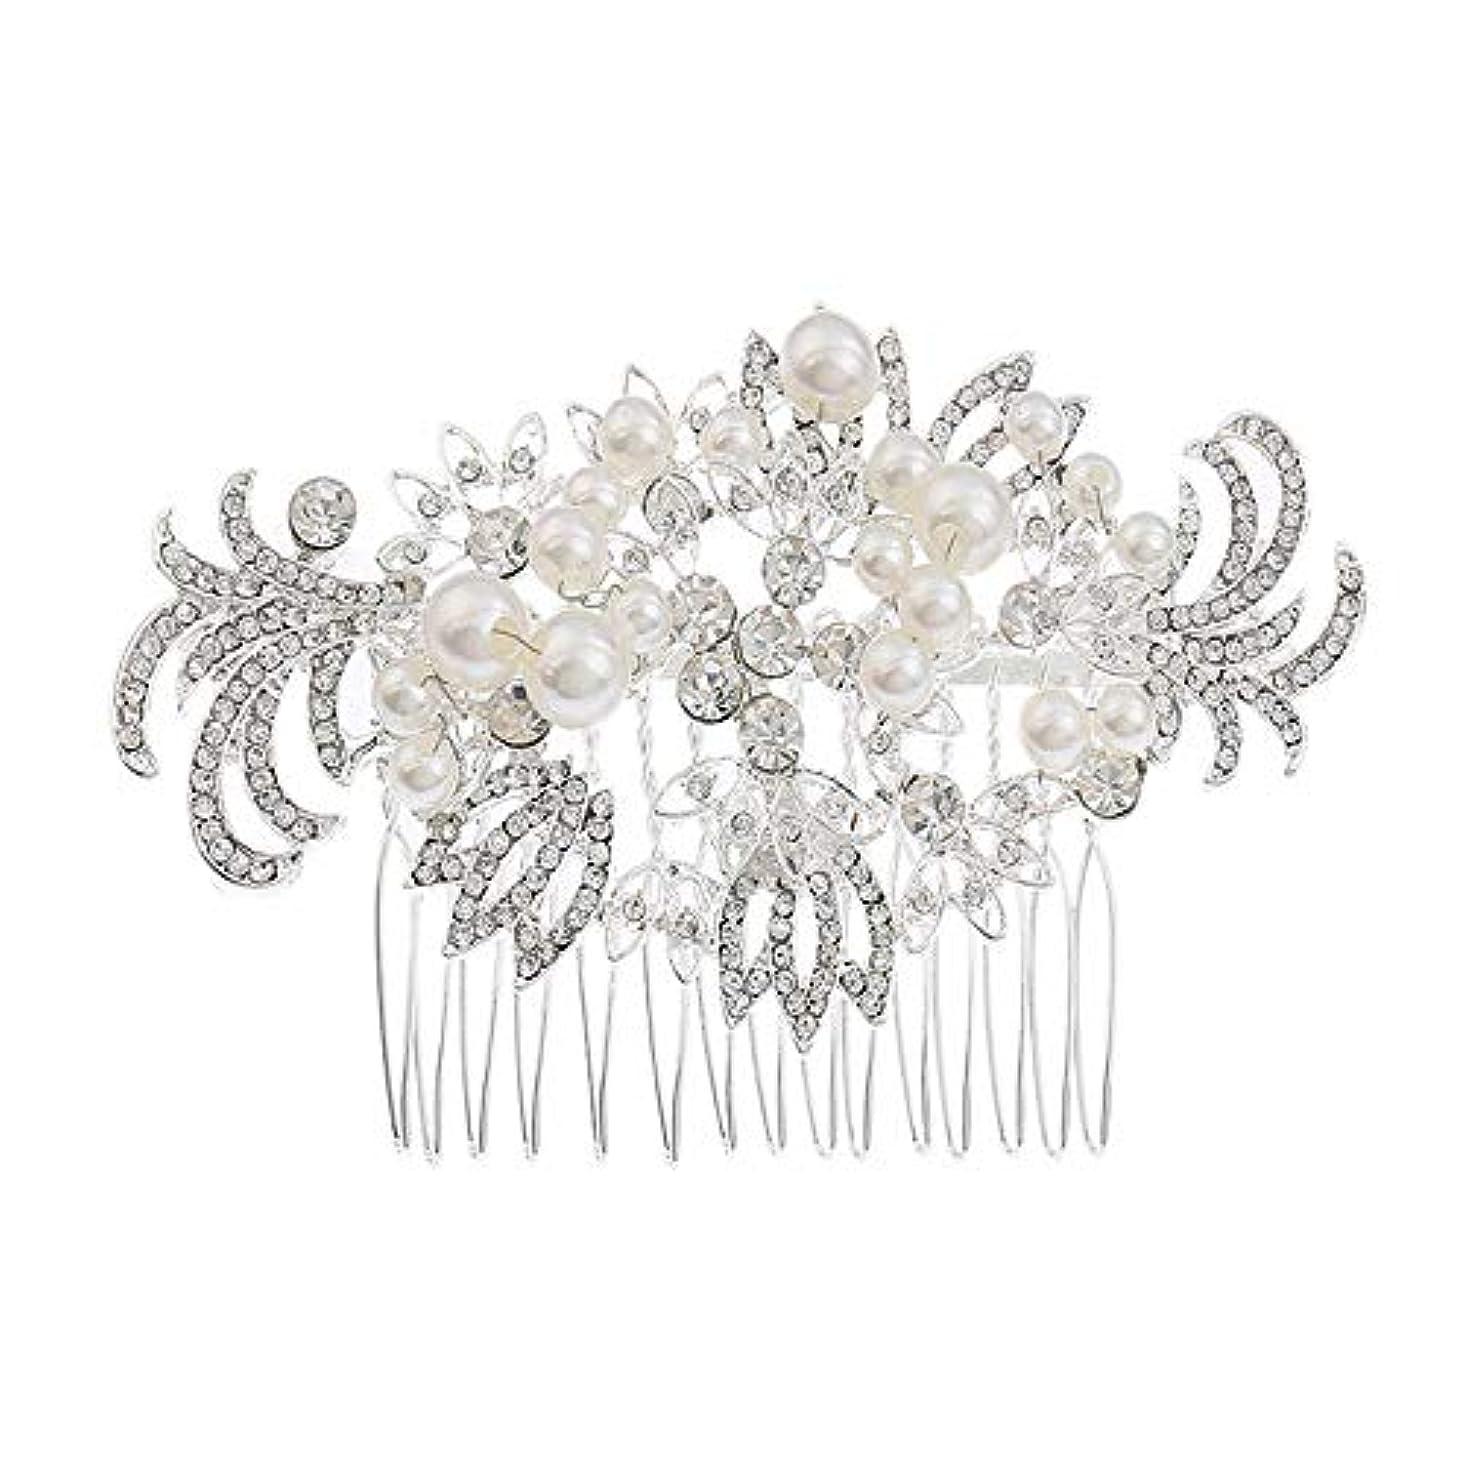 ヒント年ビリー髪の櫛挿入櫛花嫁の髪櫛真珠の髪の櫛ラインストーンの髪の櫛結婚式のヘアアクセサリー合金の帽子ブライダルヘッドドレス